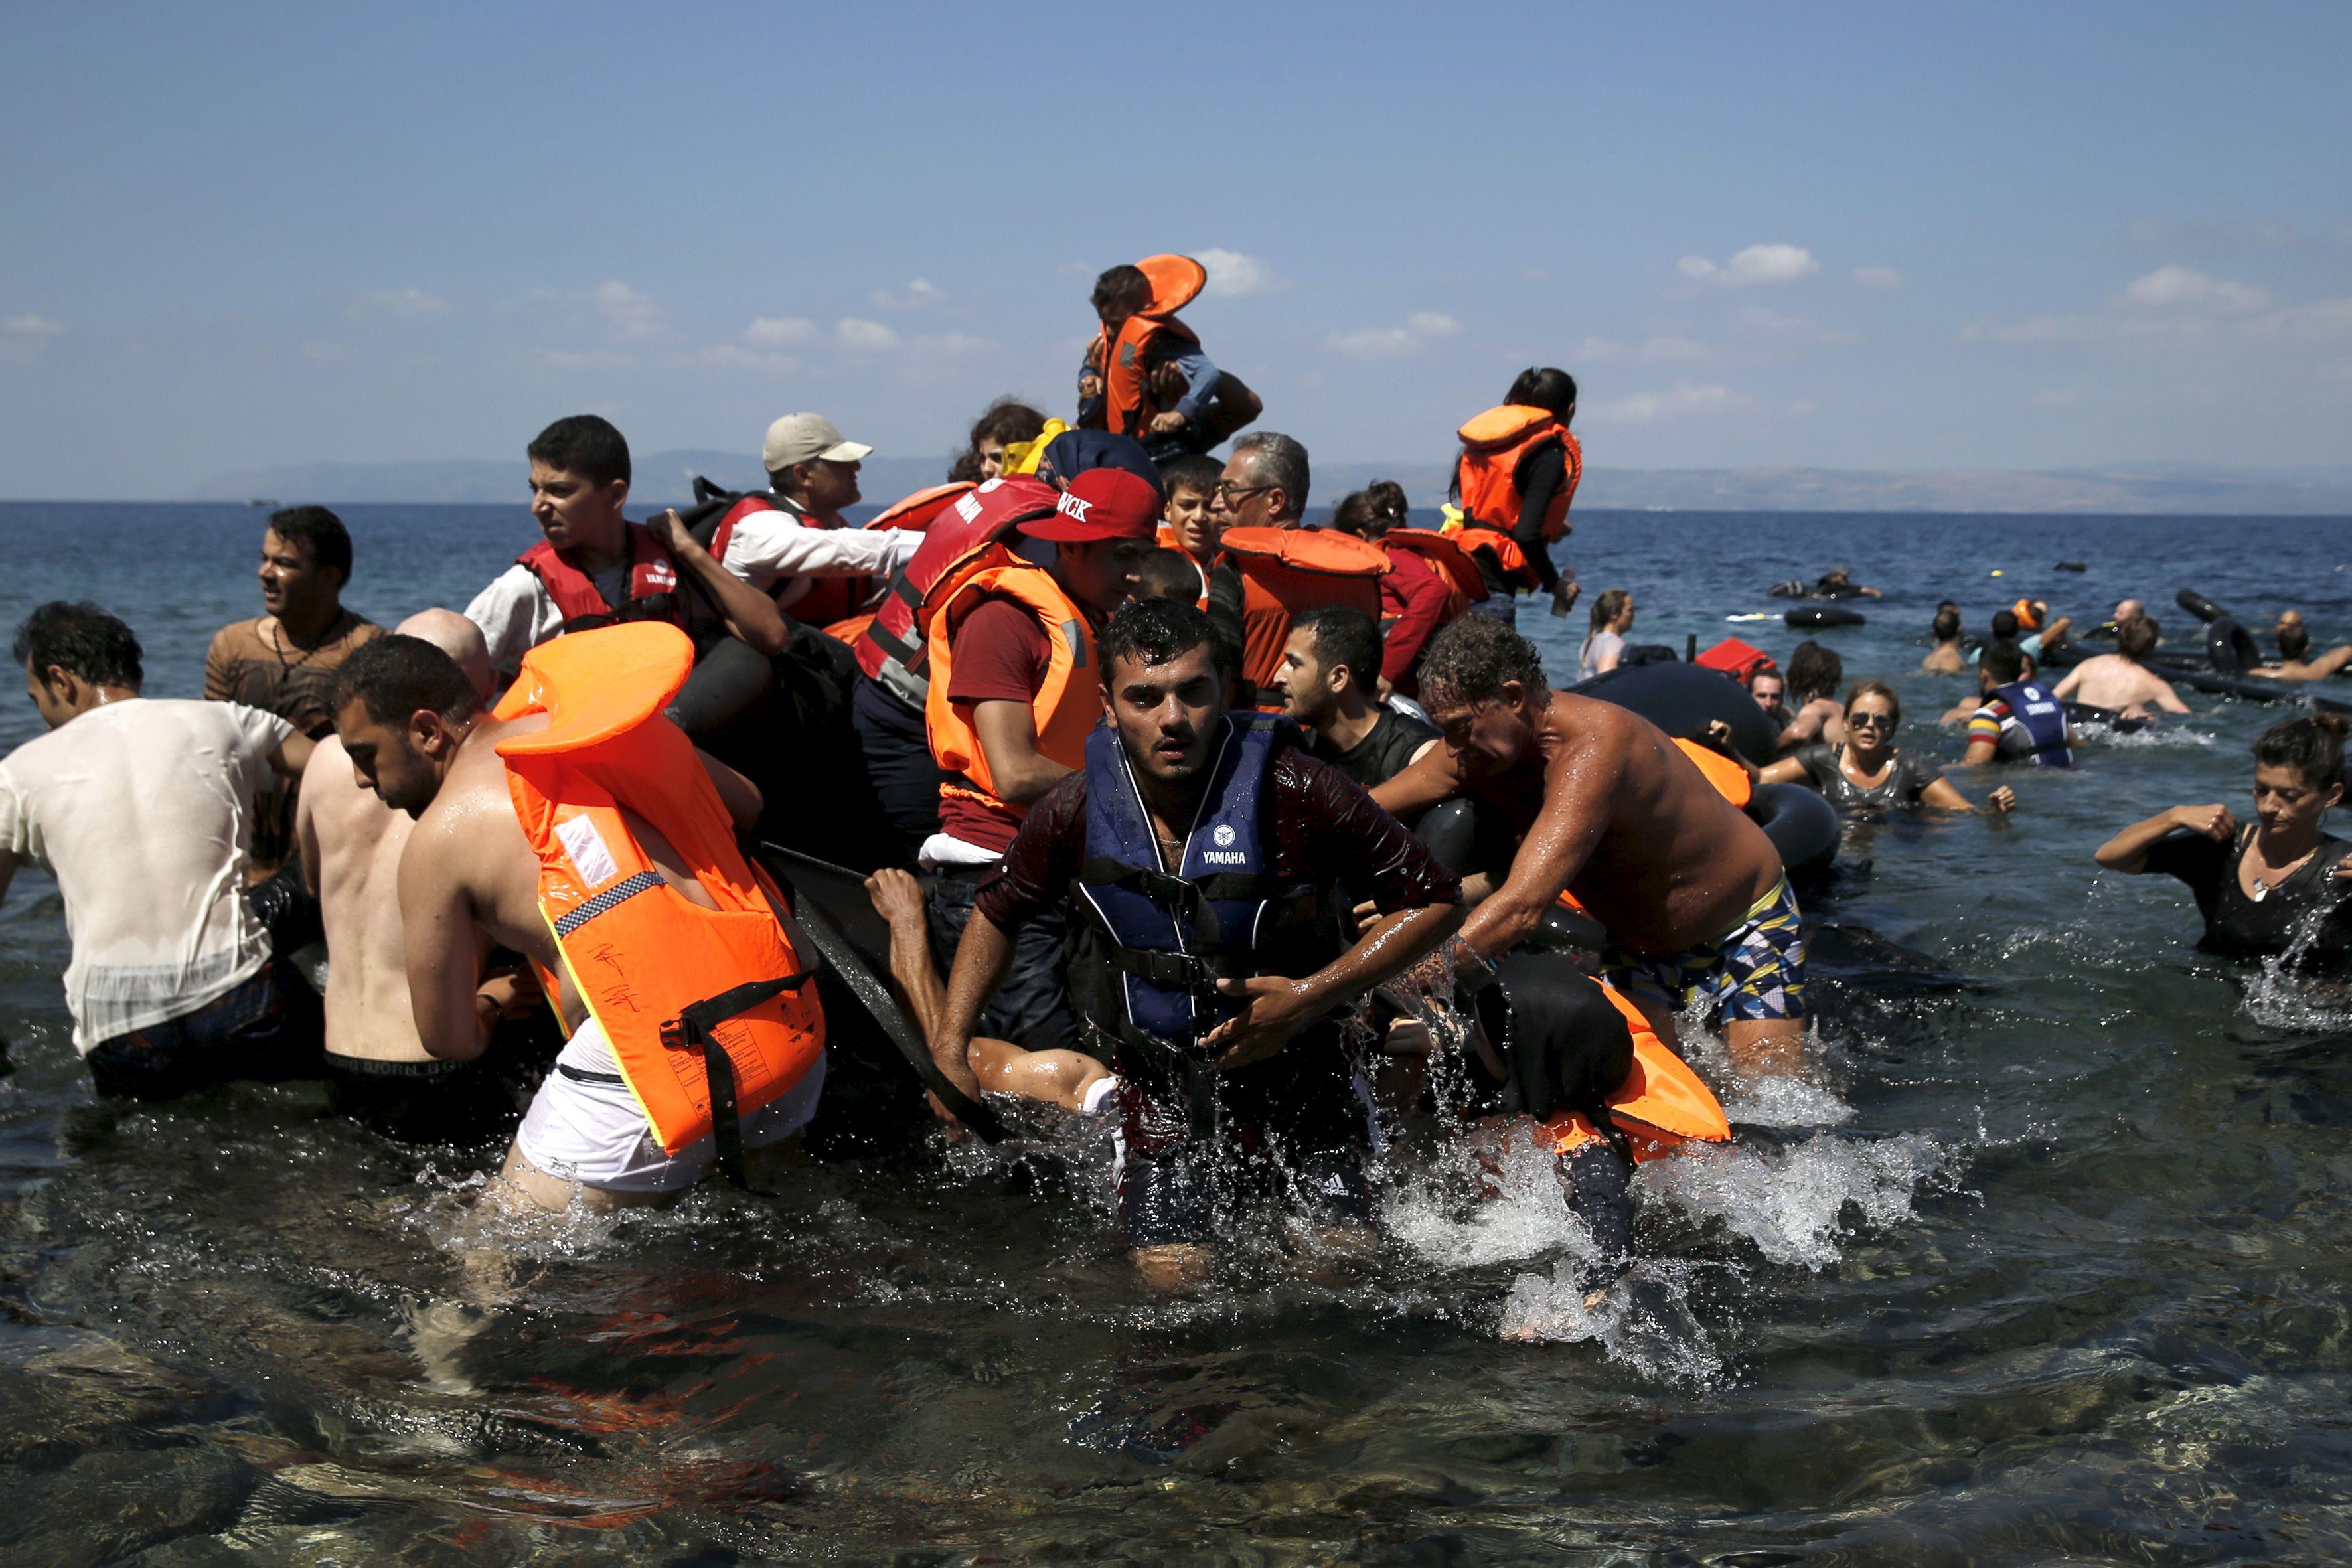 Les chiffres communiqués pourraient doubler ou même tripler si la crise des migrants en Europe se poursuit en 2016.